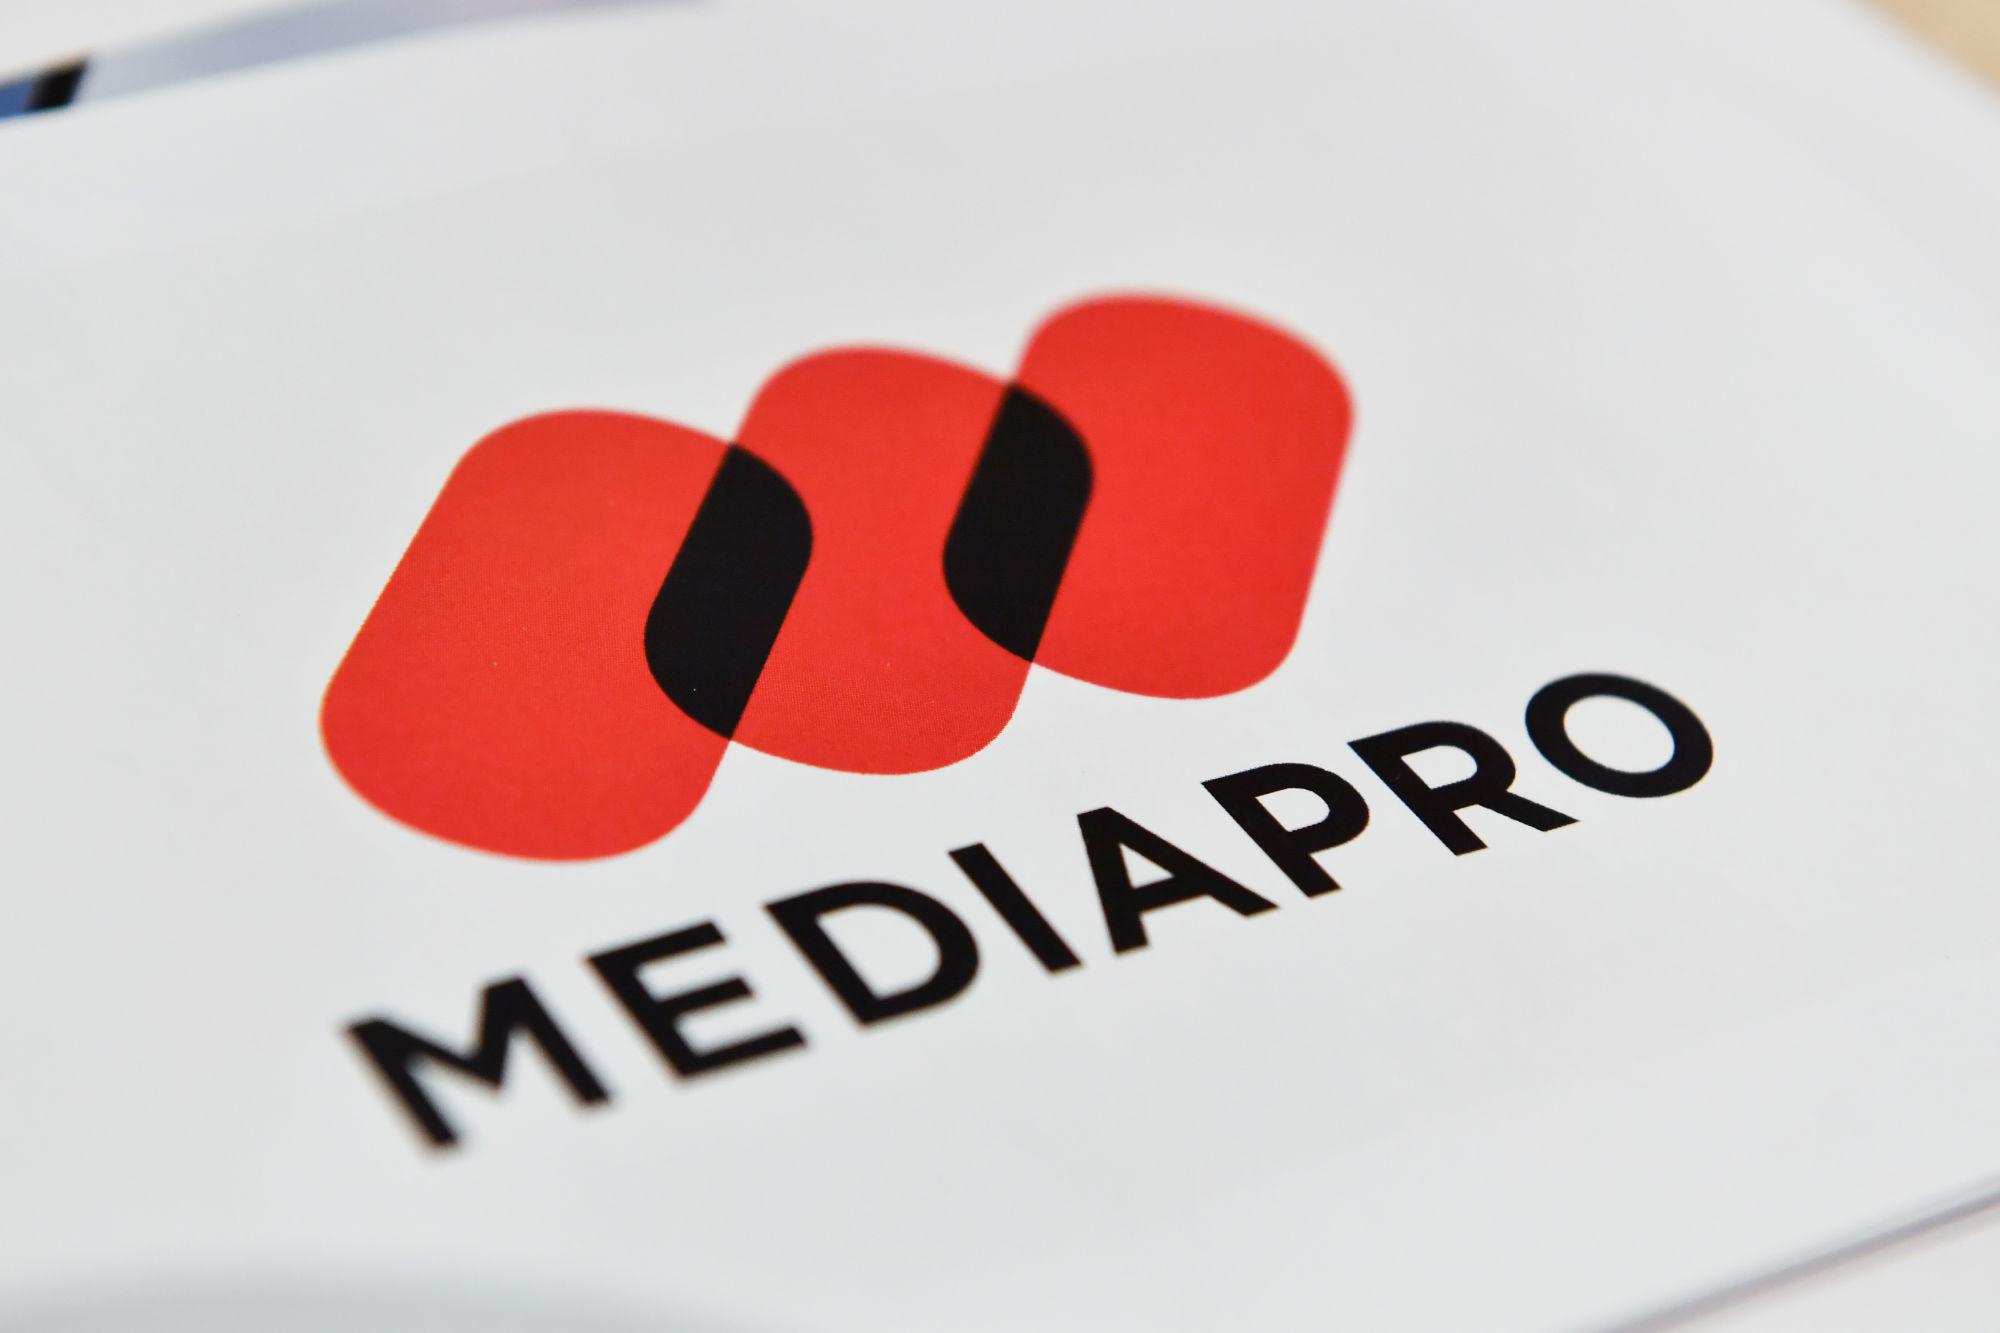 """TV - Mediapro s'associe à TF1 et se nommera """"Téléfoot"""""""